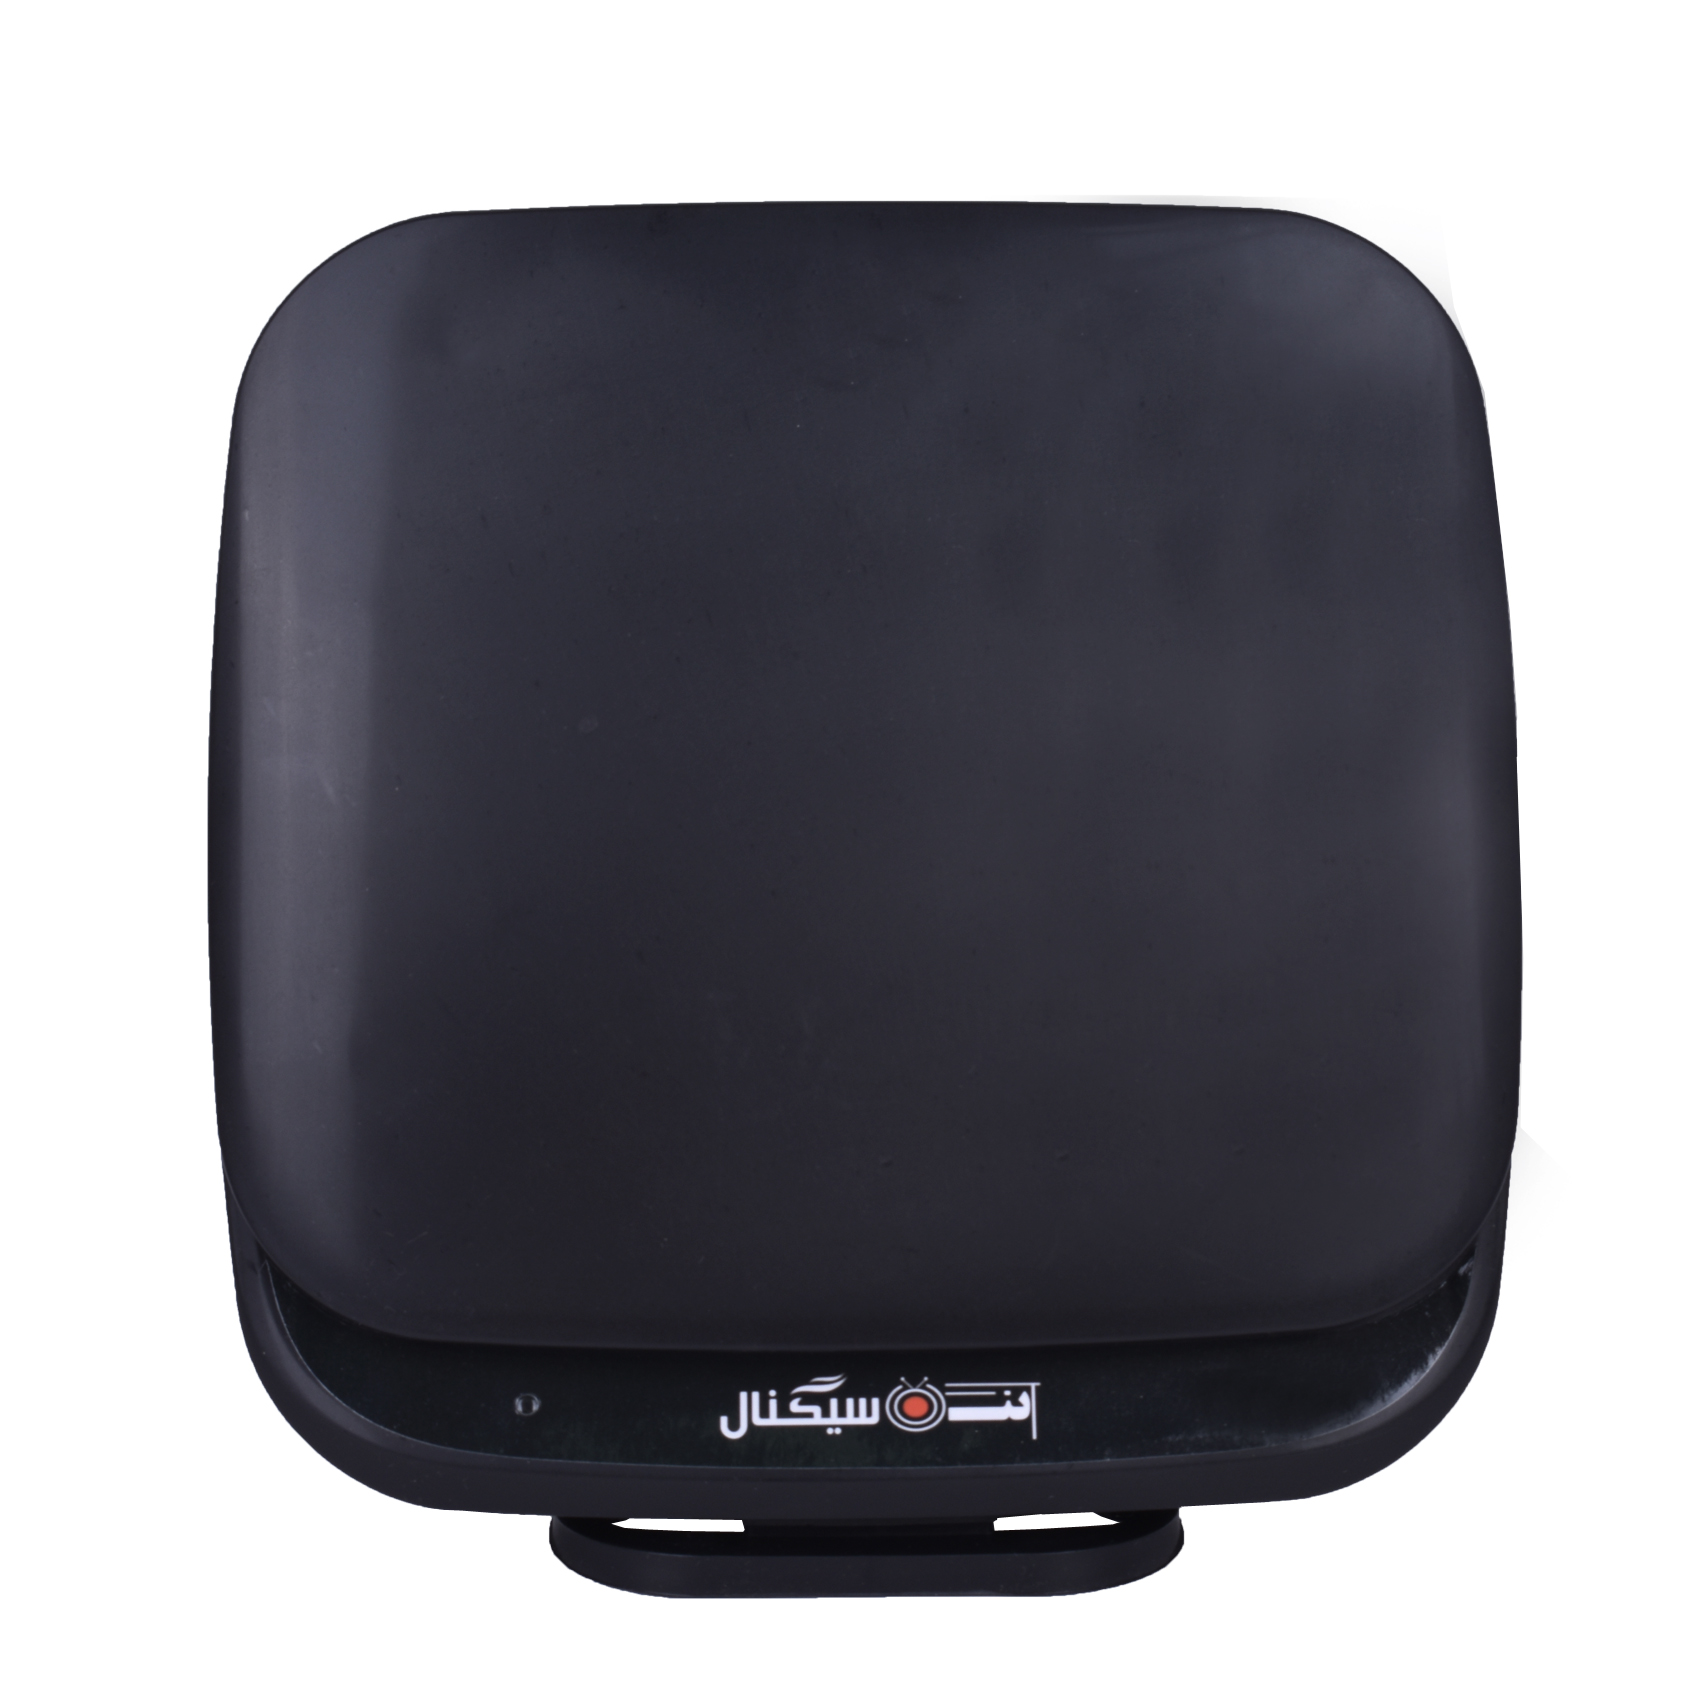 آنتن رومیزی سیگنال مدل SG-10019